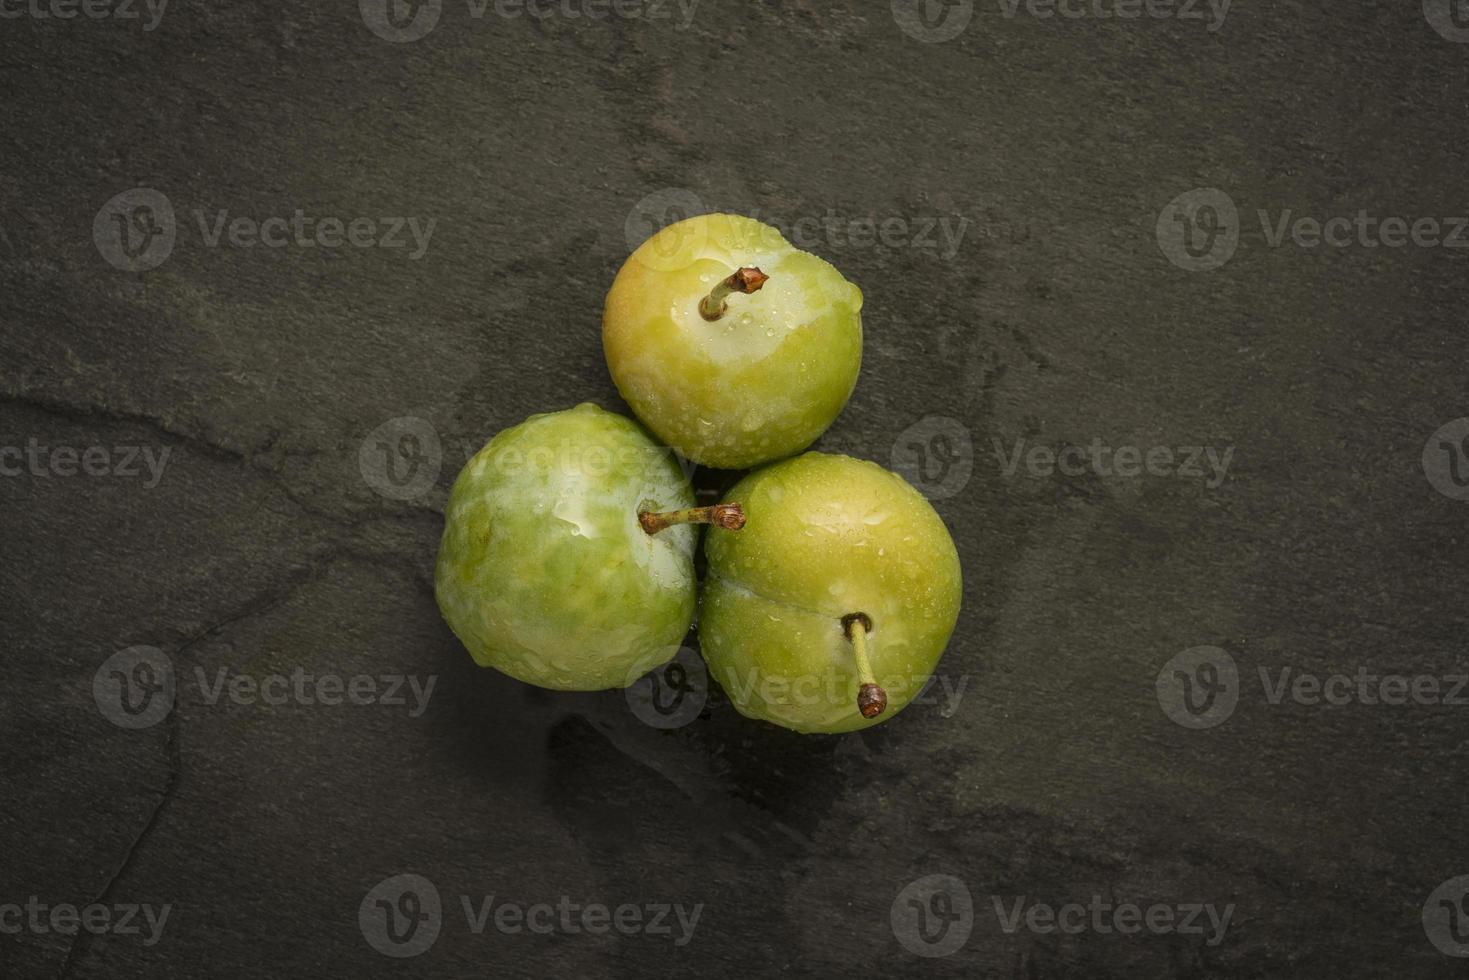 tres greengages en pizarra foto